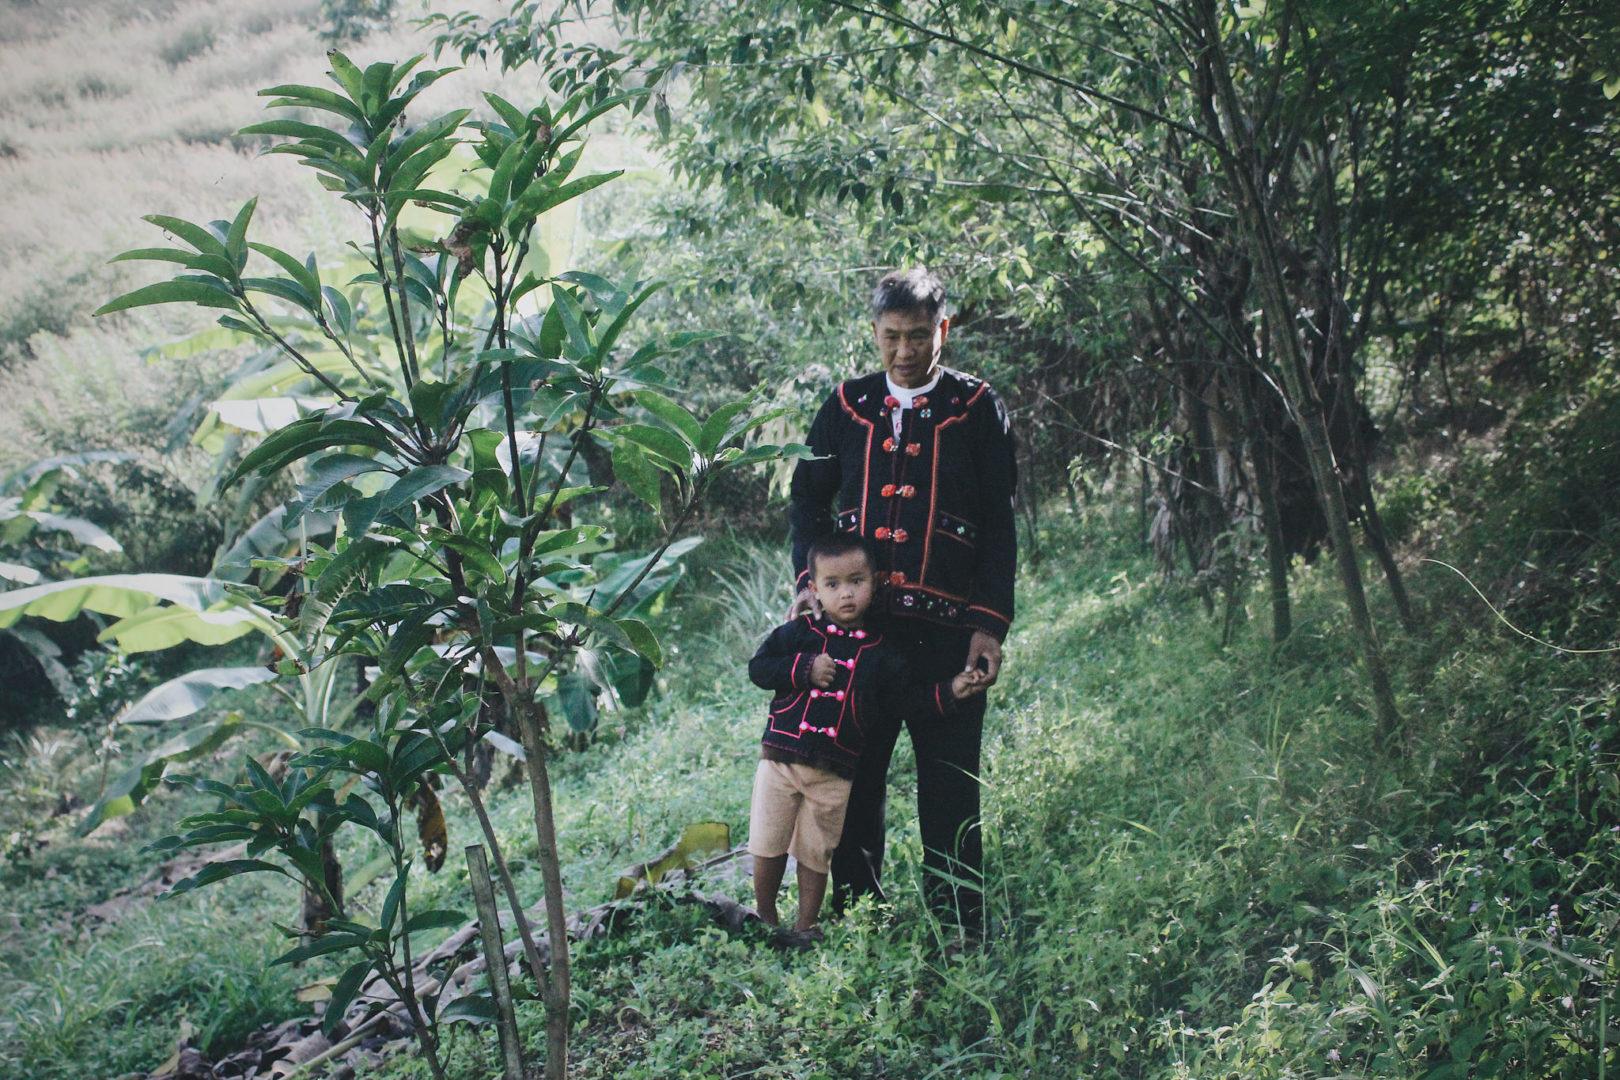 Chagga walks through a farm field with his grandson.